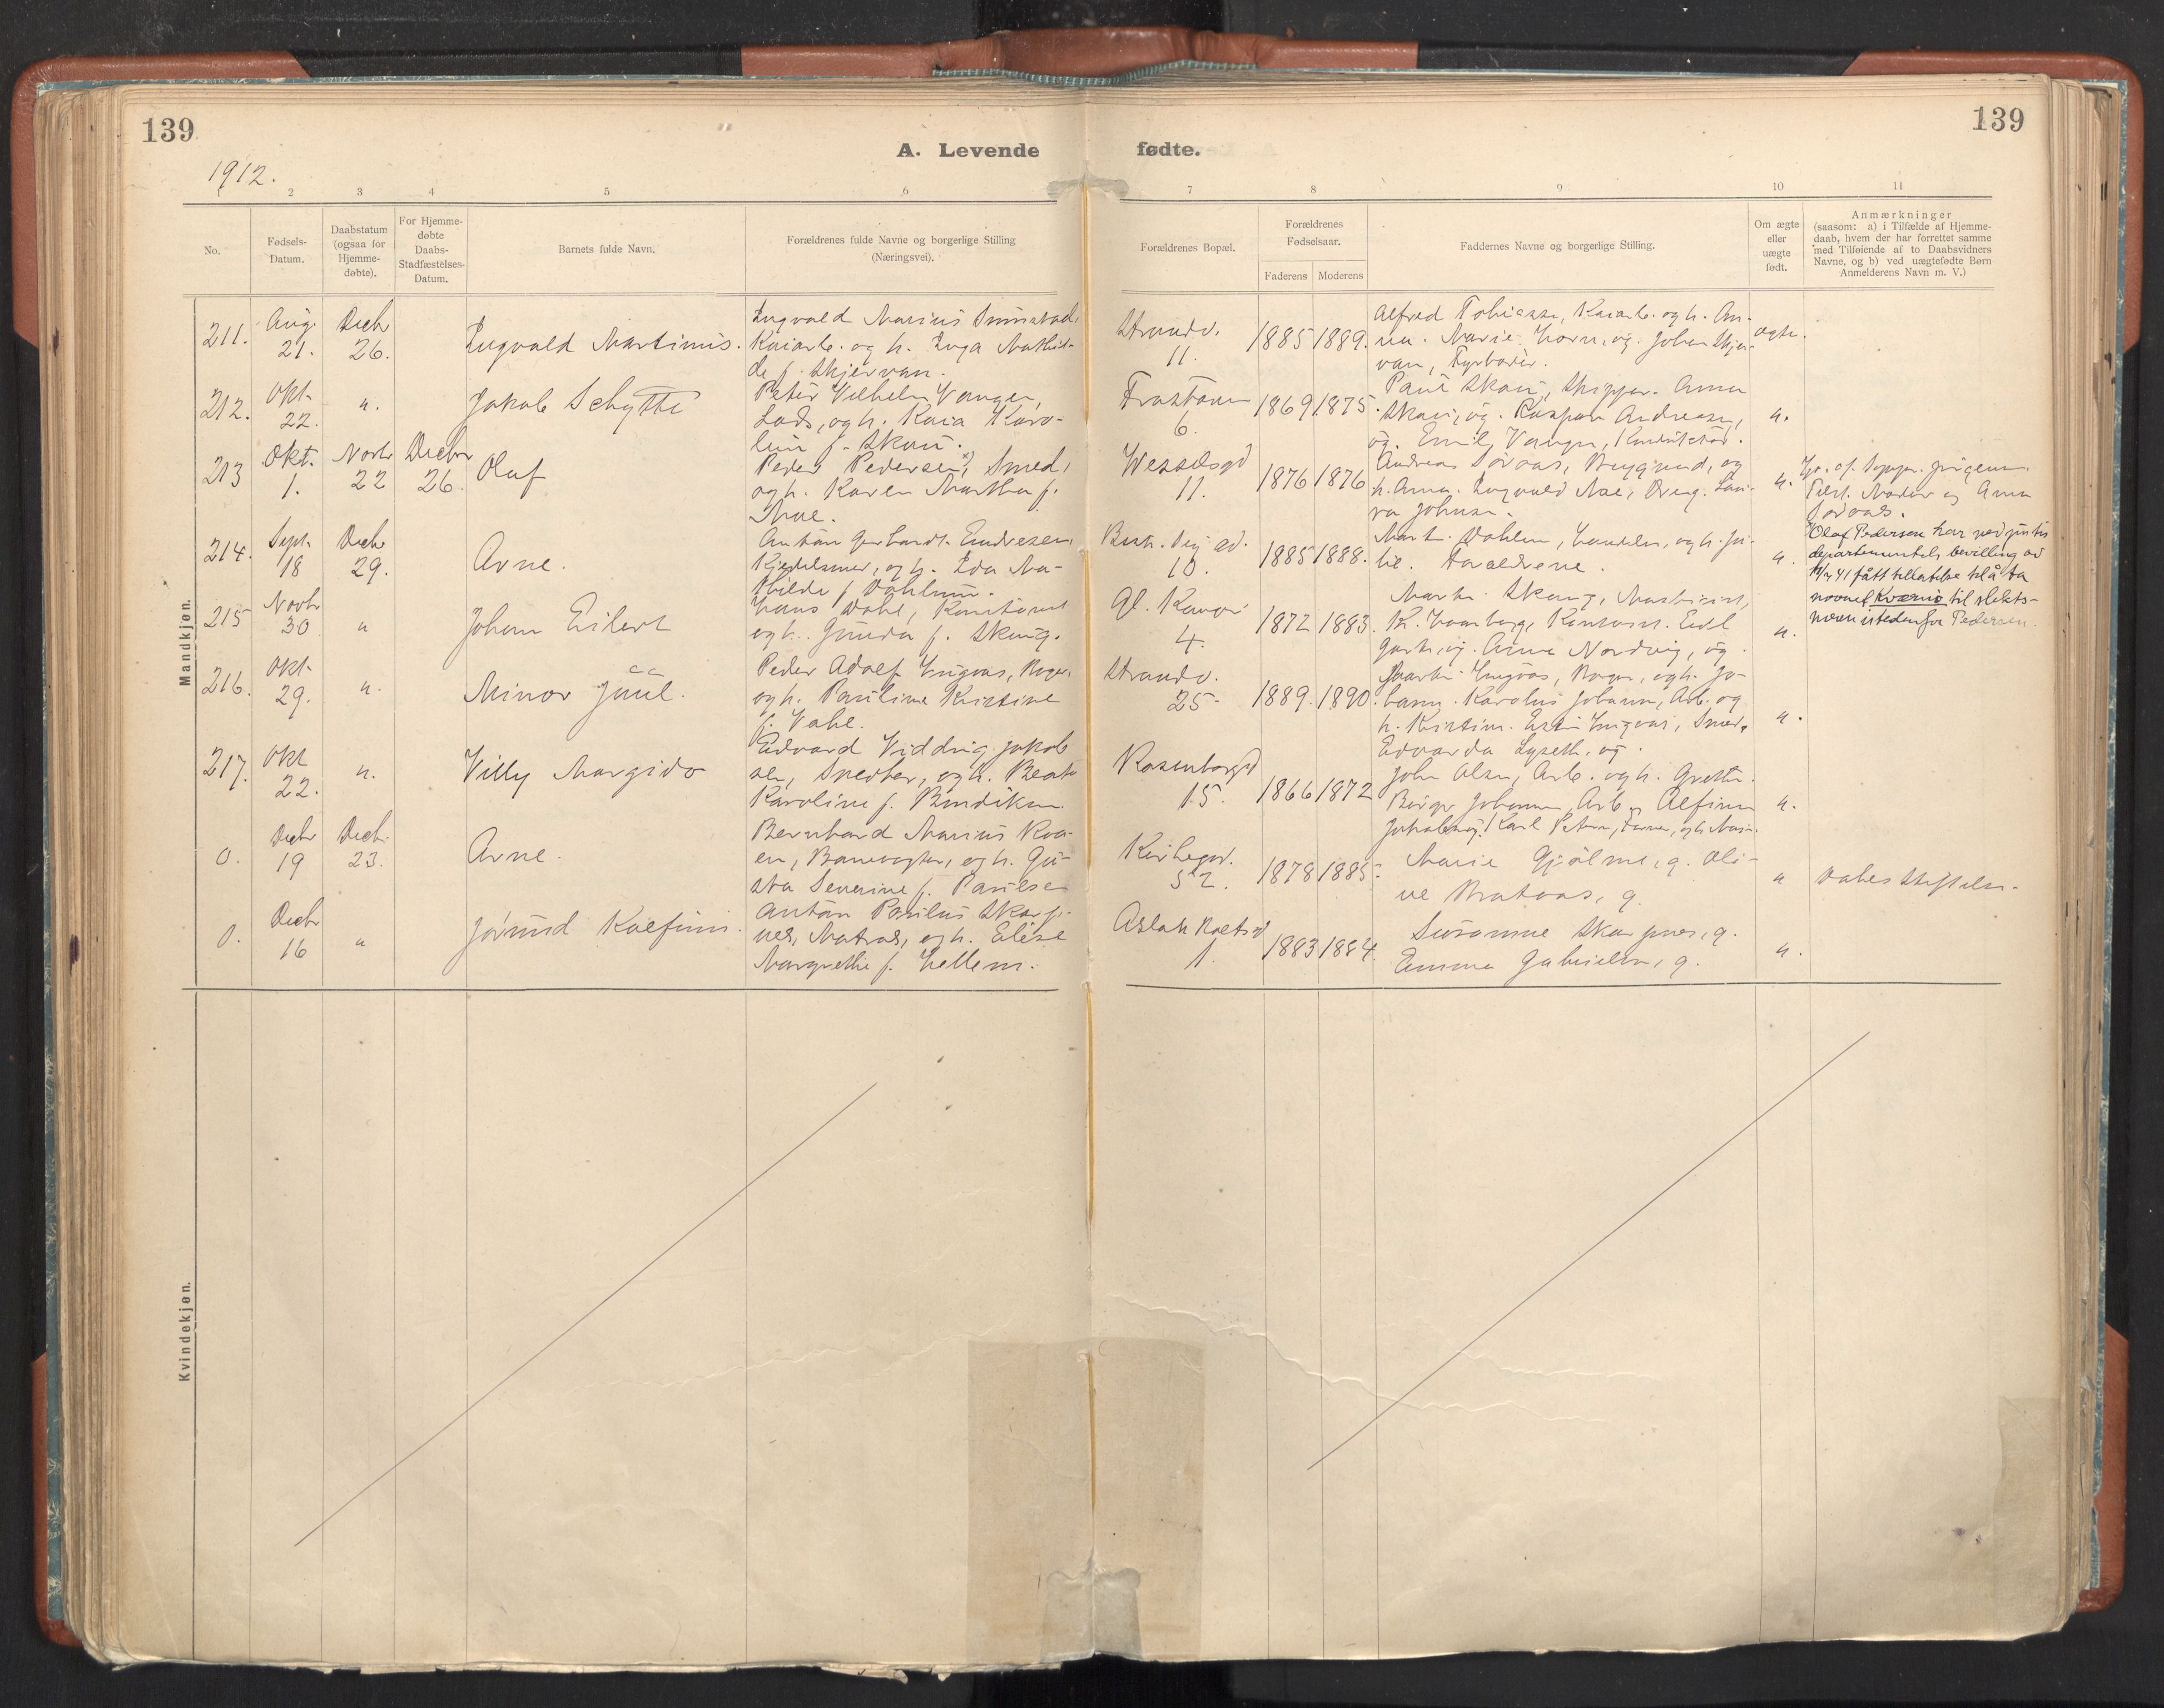 SAT, Ministerialprotokoller, klokkerbøker og fødselsregistre - Sør-Trøndelag, 605/L0243: Ministerialbok nr. 605A05, 1908-1923, s. 139